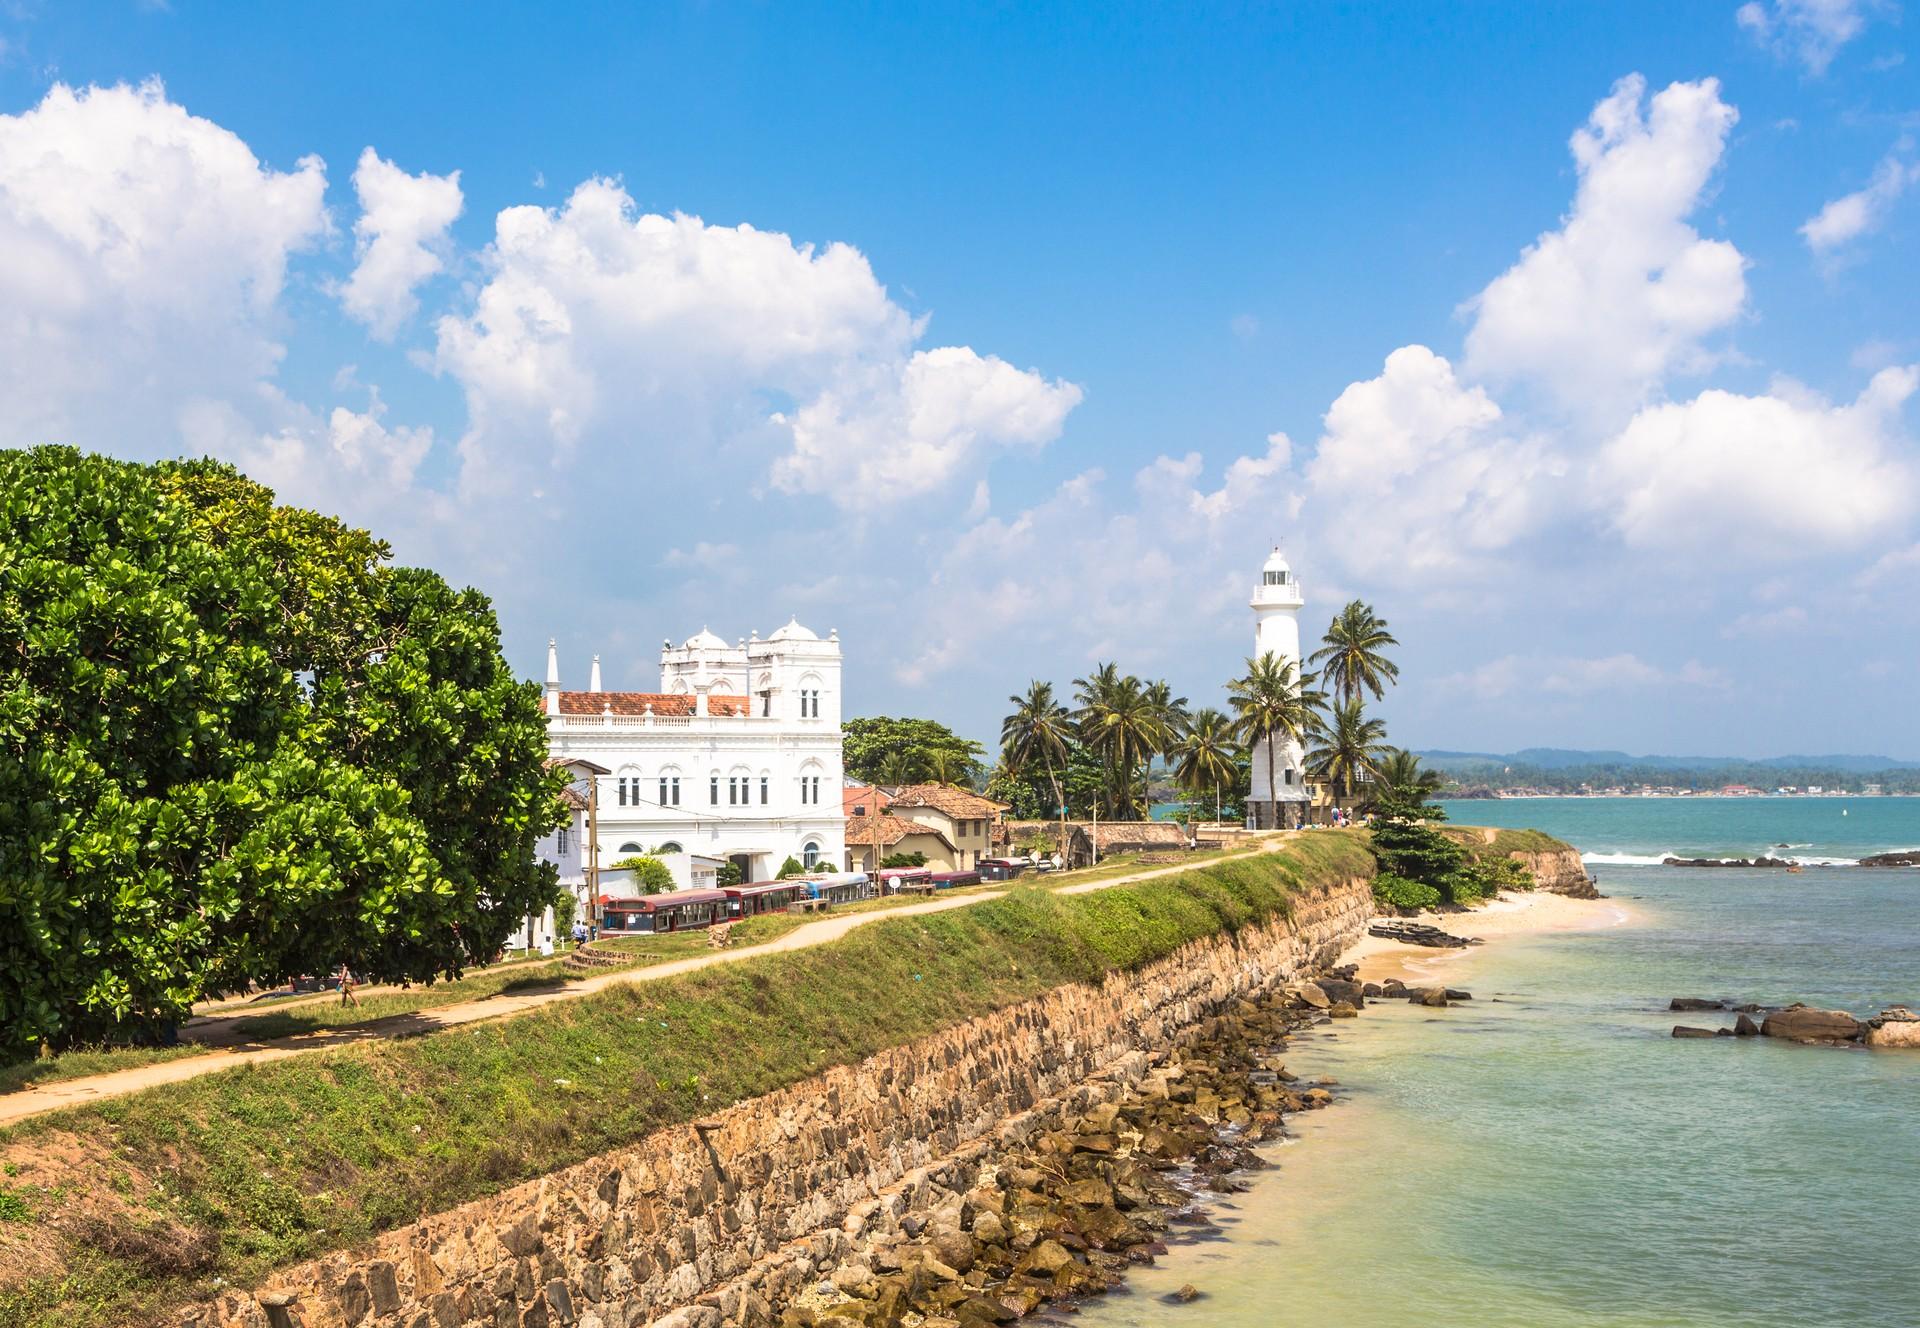 Sri Lanka holidays: Galle Fort